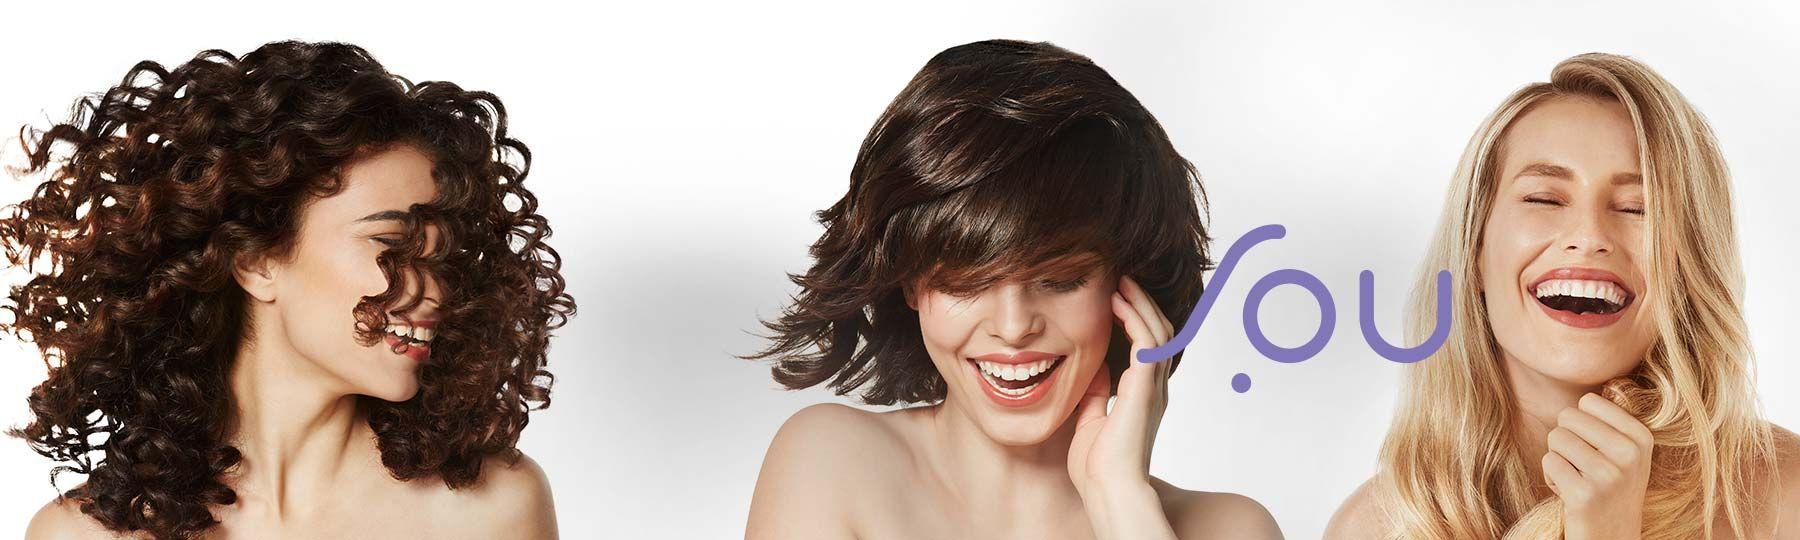 http://rede.natura.net/espaco/RoseliSantos SOU tem uma linha completa para todos os tipos de cabelo. Sem desperdício, com fragrância deliciosa e a qualidade Natura. Para você aproveitar até a última gota.